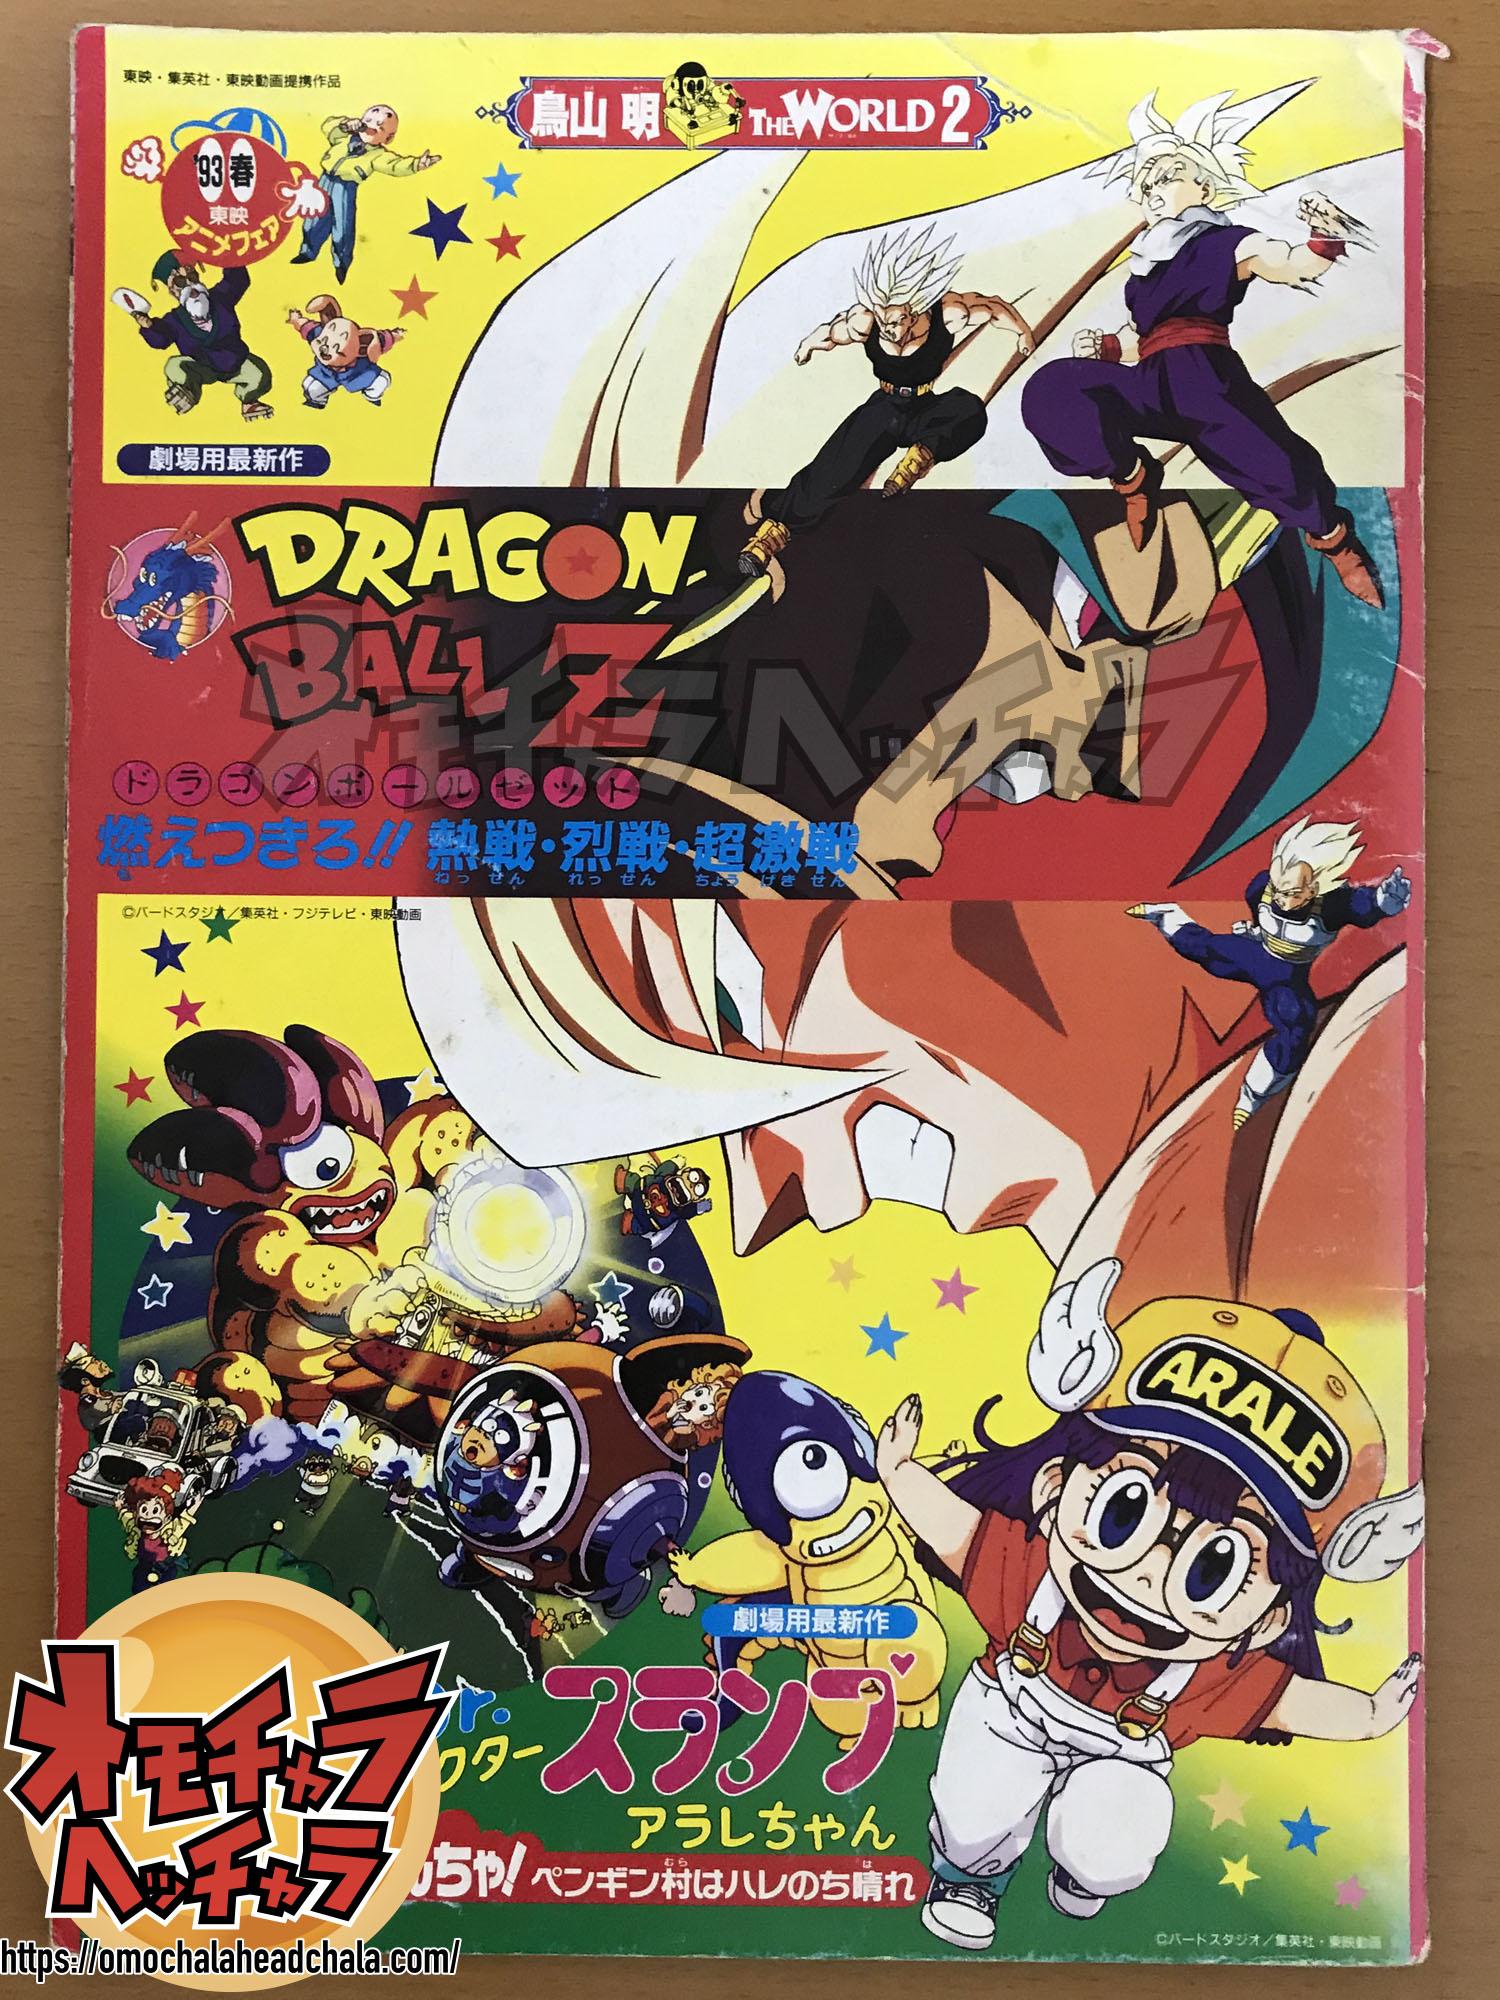 ドラゴンボールフィギュアレビューブログの劇場パンフレット